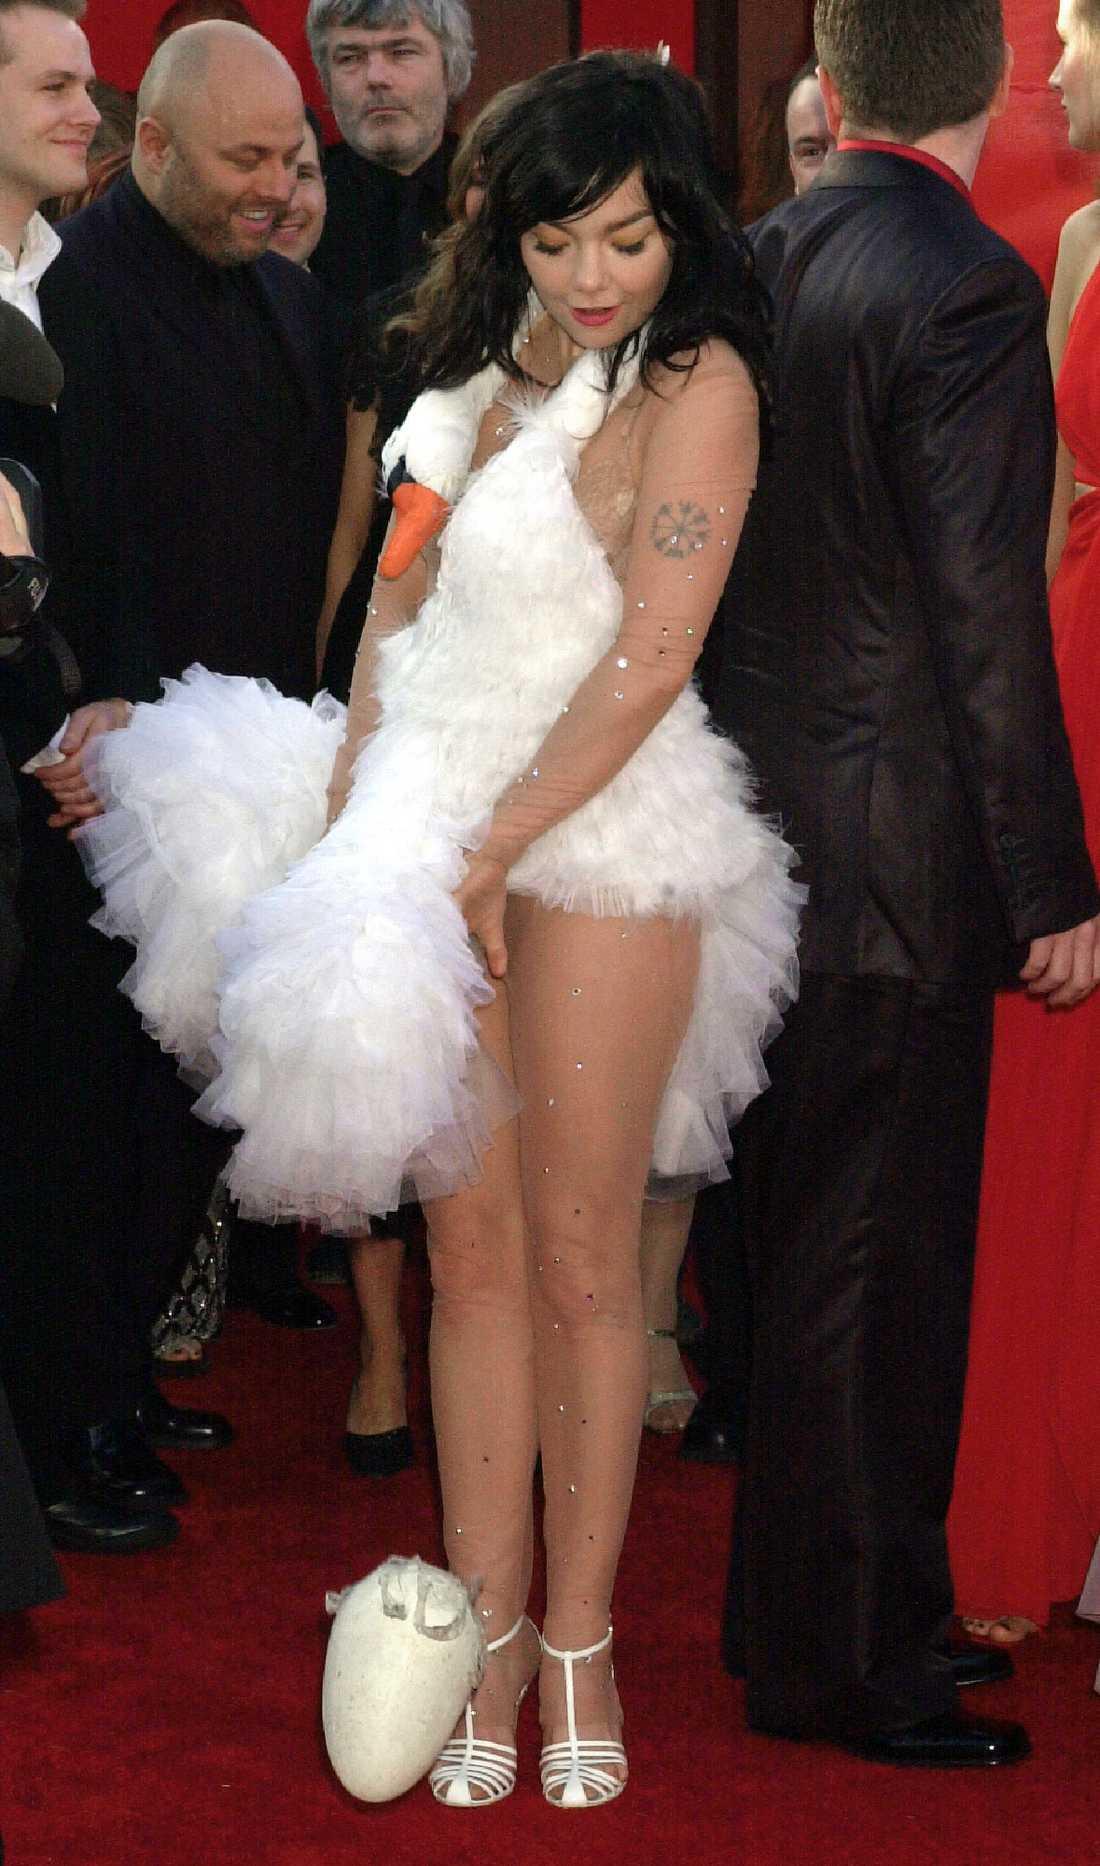 """Björk 2001 """"Audrey, Grace och Nicole får ursäkta men den absolut mest kända och episka Oscarlook som någonsin skådats är ju naturligtvis SVANEN. Vem annars än Björk skulle ens tänka tanken att gå på galafest iklädd en svan? Det är så absurt att det blir bra. Tack, Björk, för att du finns. (Design Marjan Pejoski)"""""""